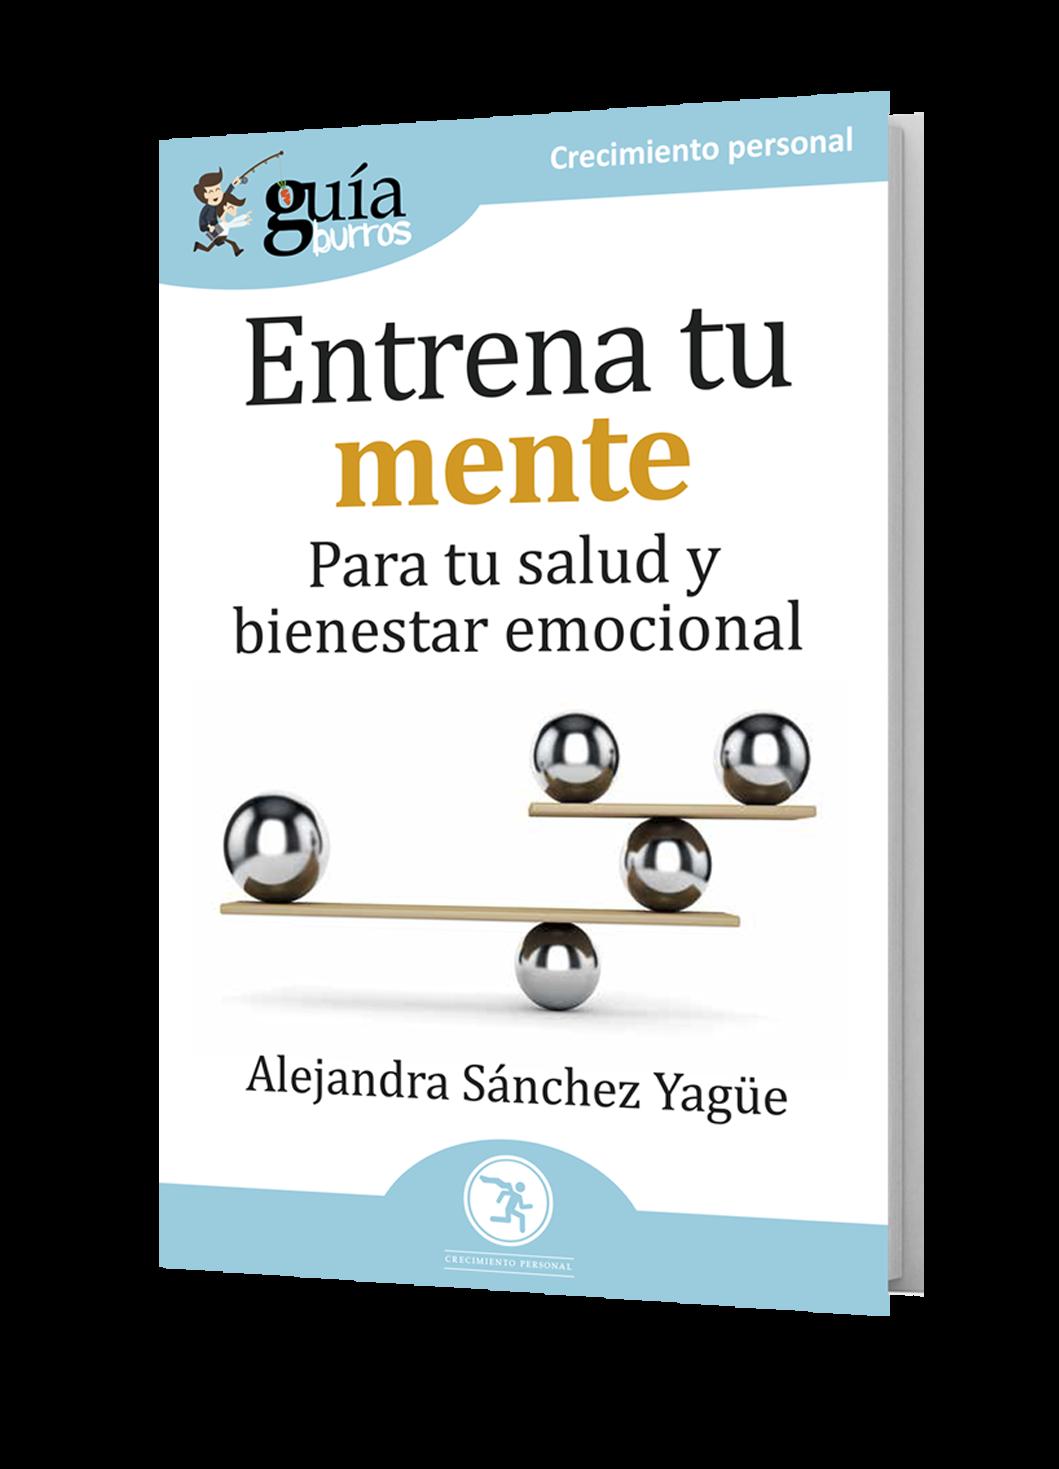 Entrena tu mente. Para tu salud emocional - De Alejandra Sánchez-Yagüe